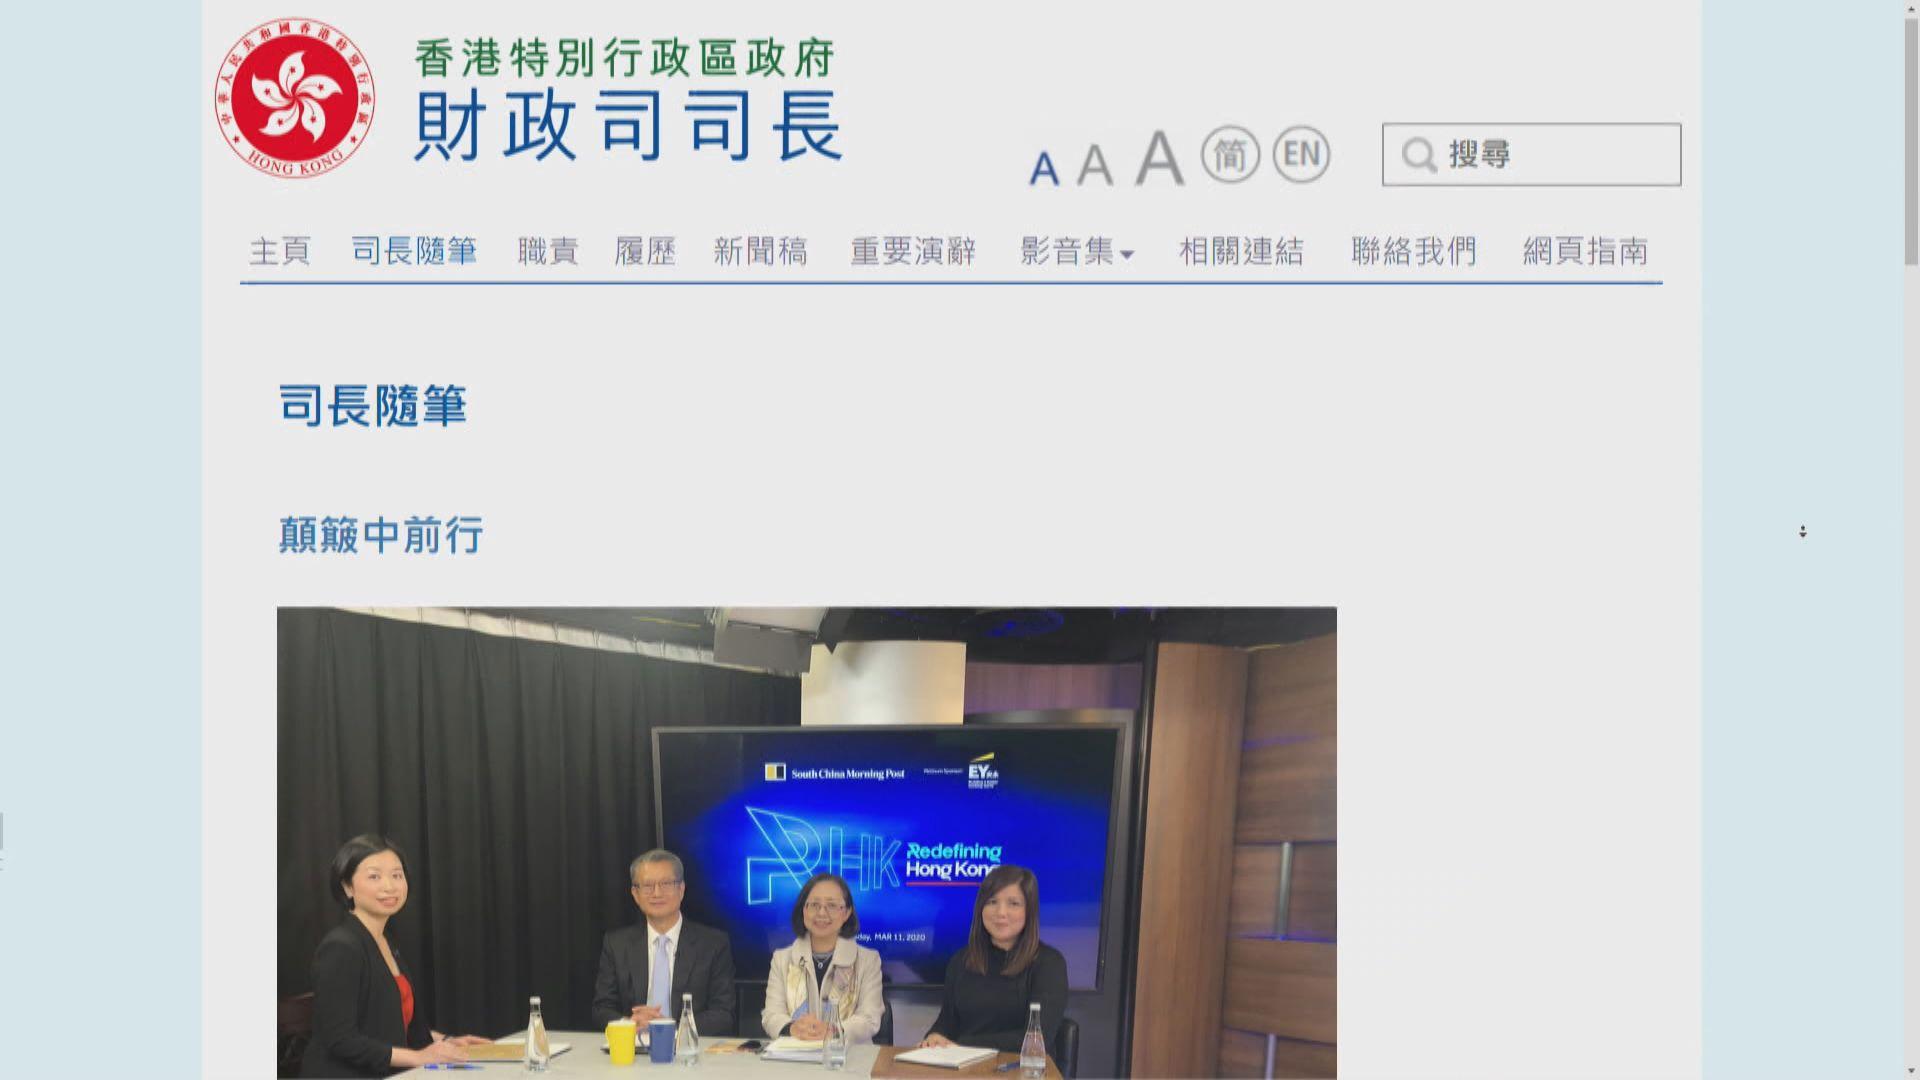 陳茂波:失業率將攀升至九年來最高 政府將增公共開支